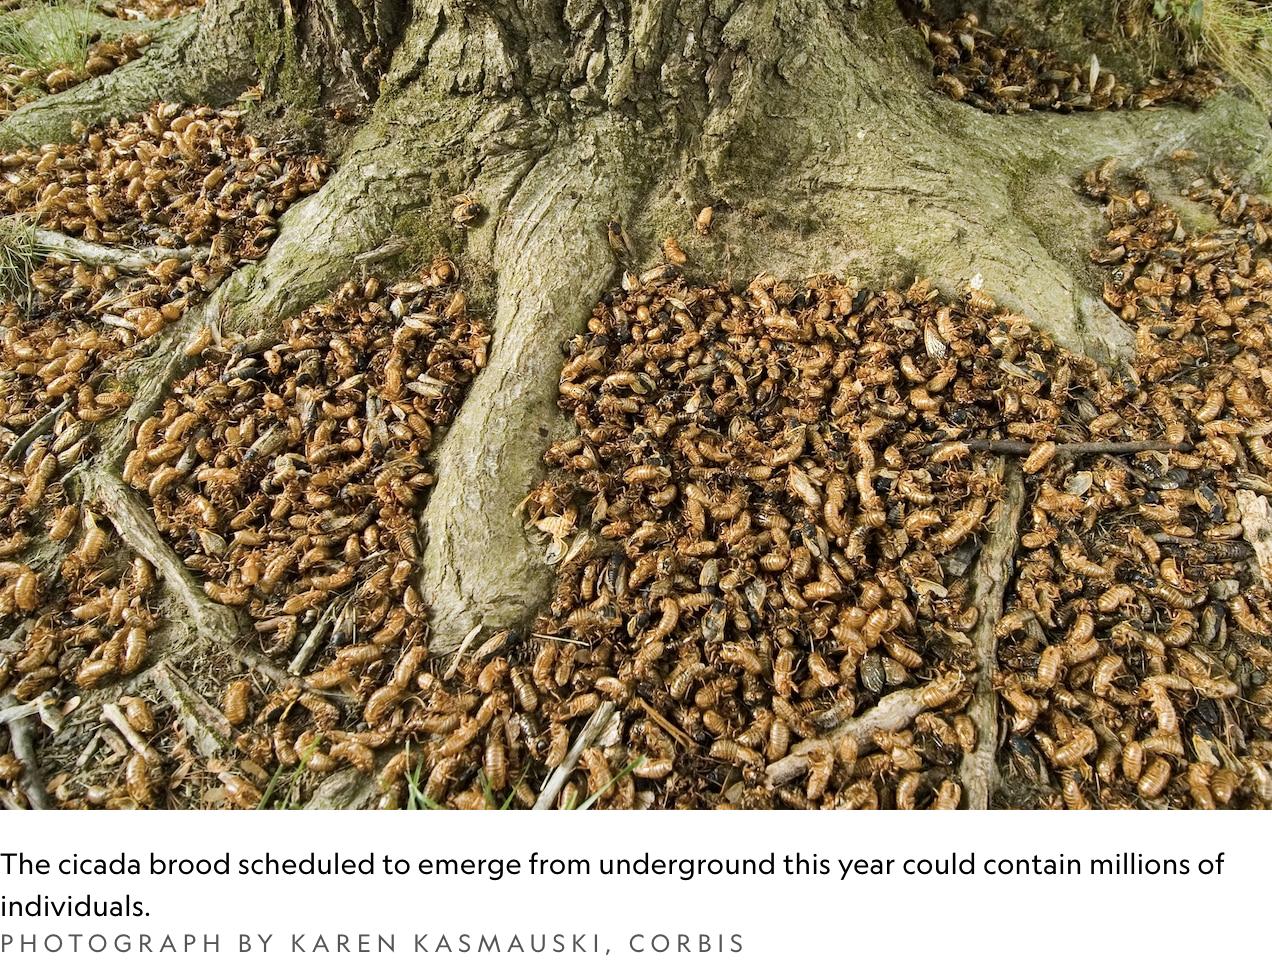 cicada carcasses, dead cicadas, national geographic